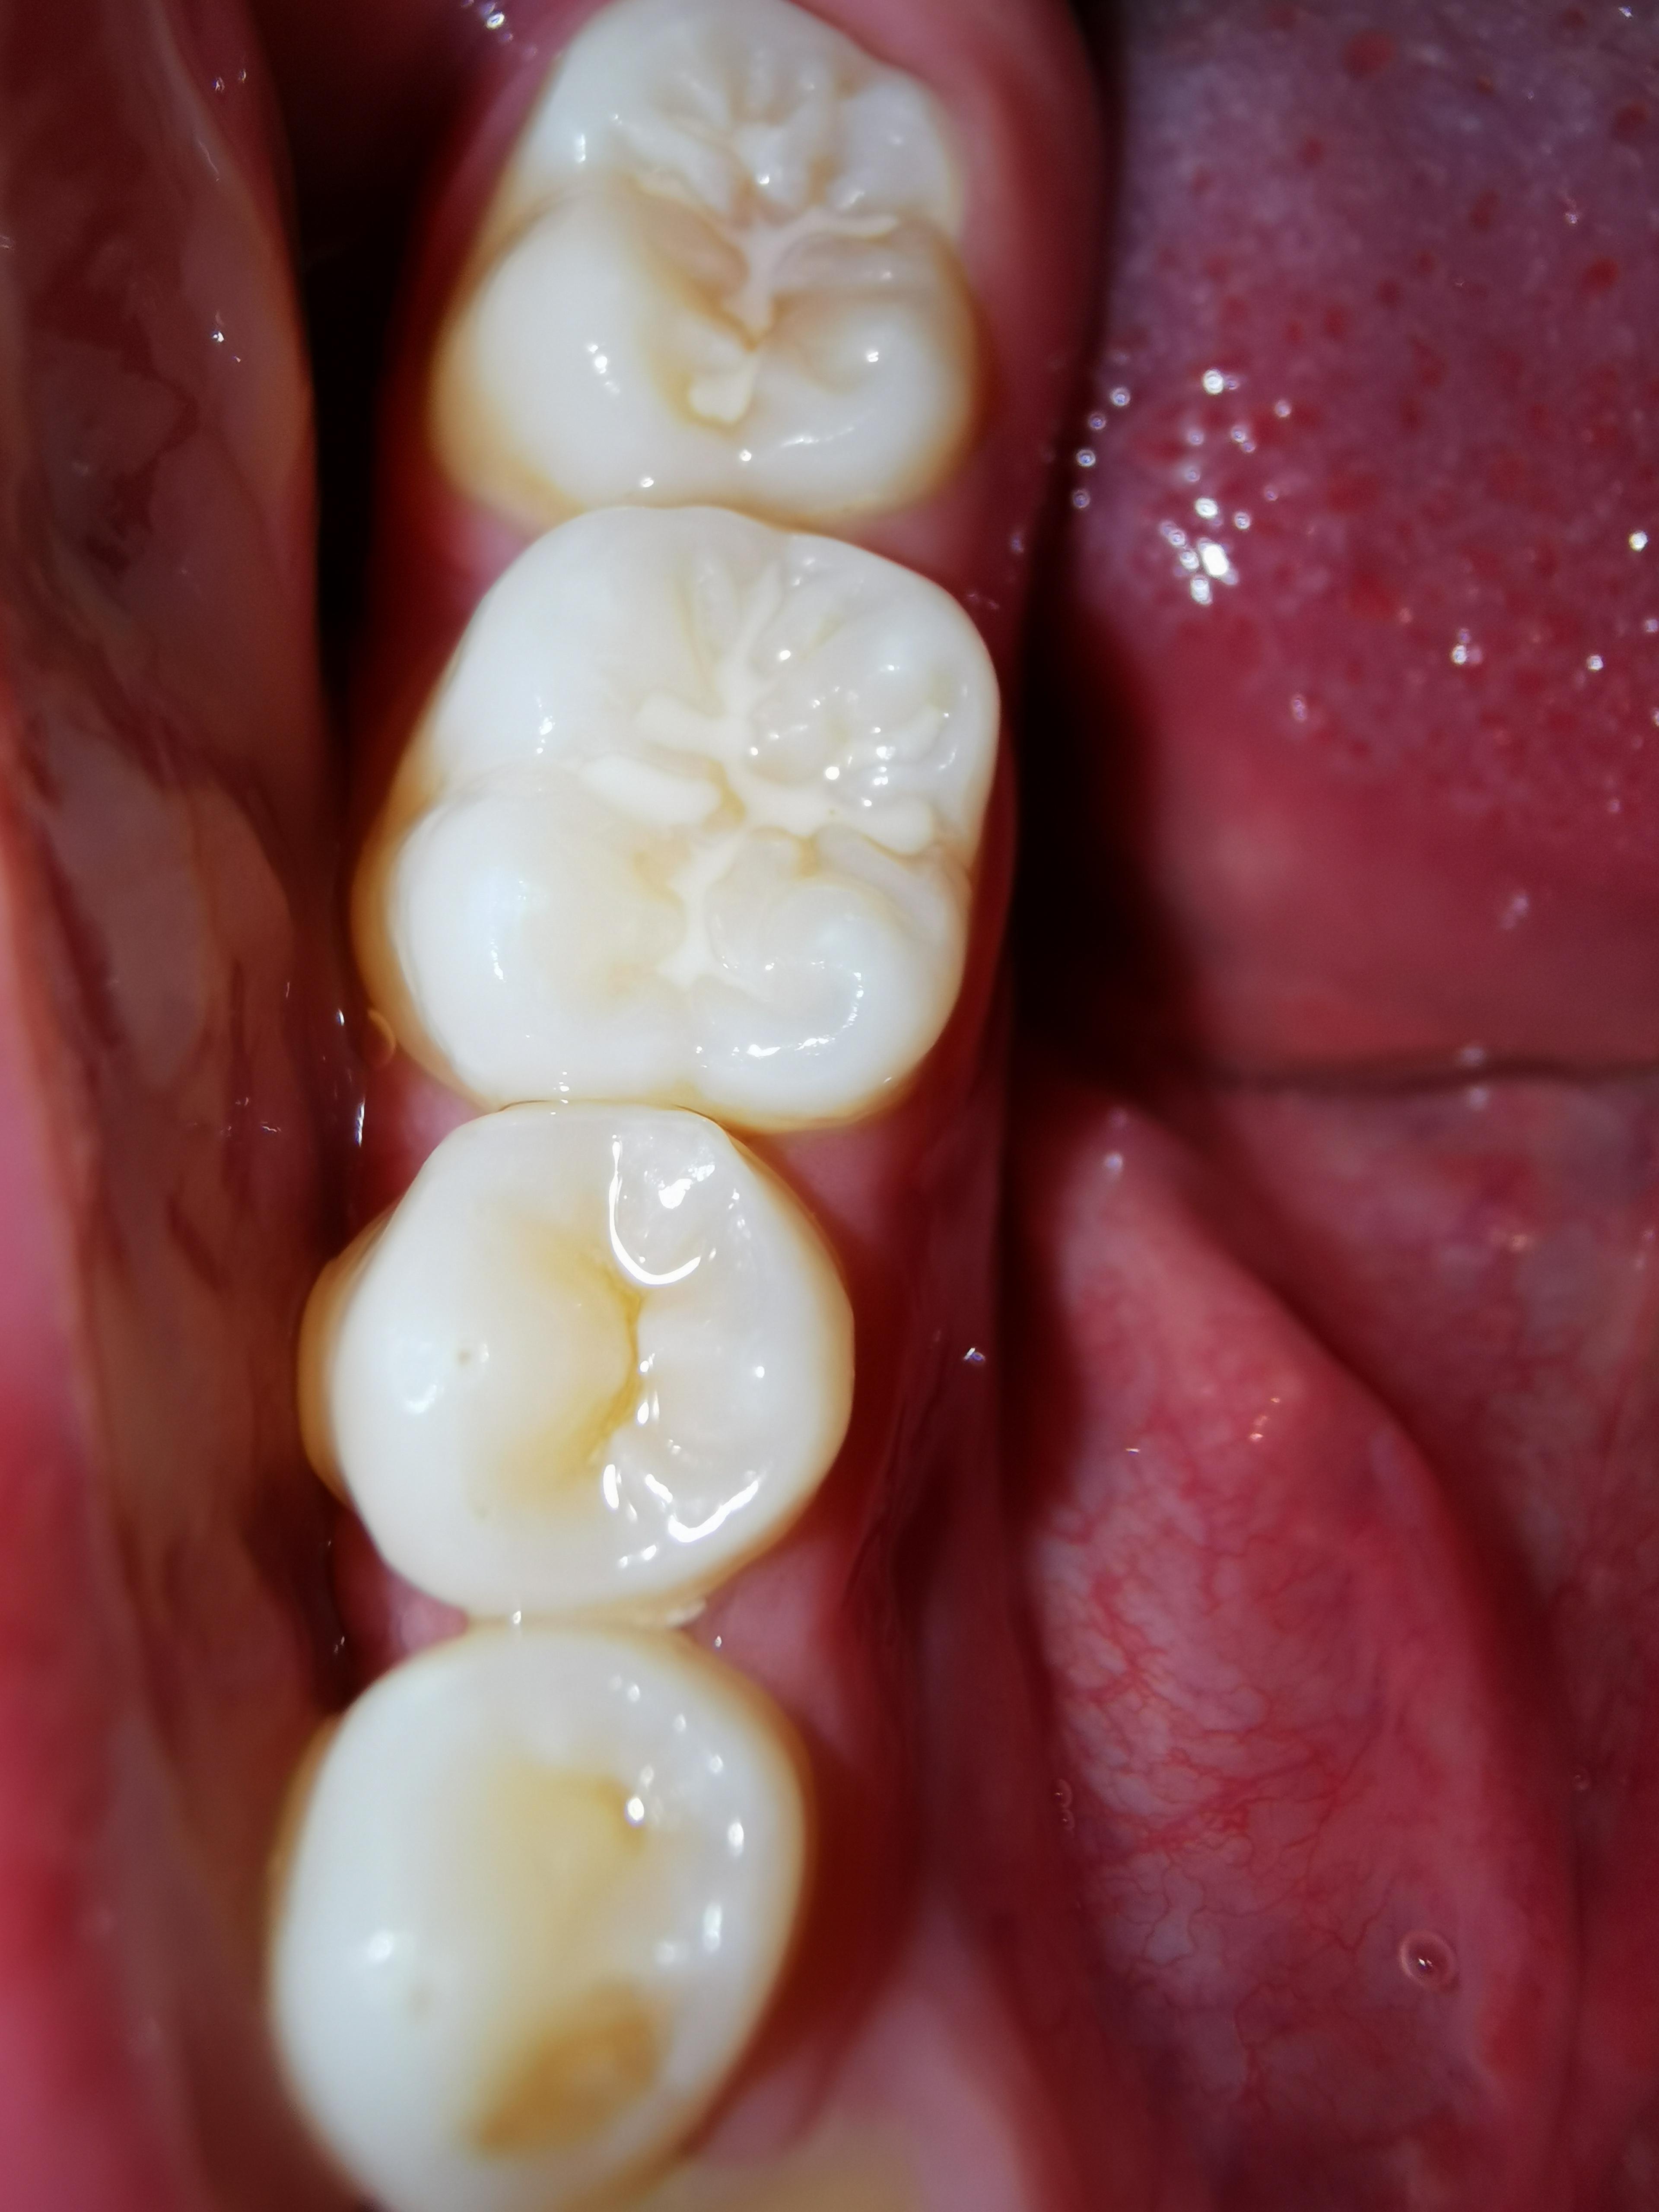 Ho notato da qualche settimana delle macchie bianche sui molari